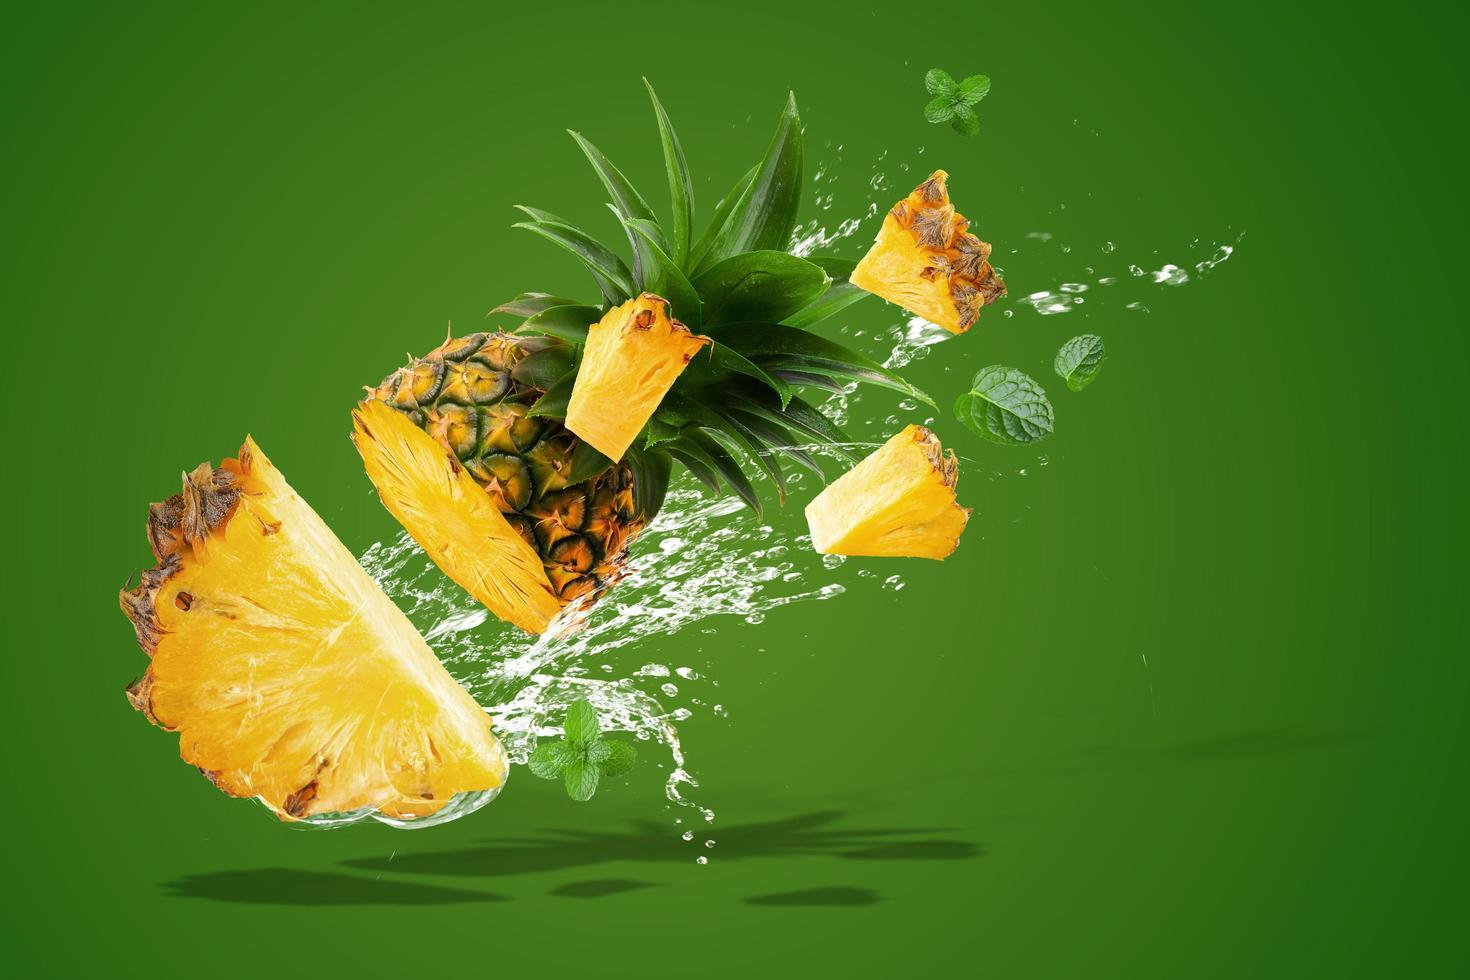 éclaboussures d'eau sur l'ananas frais photo